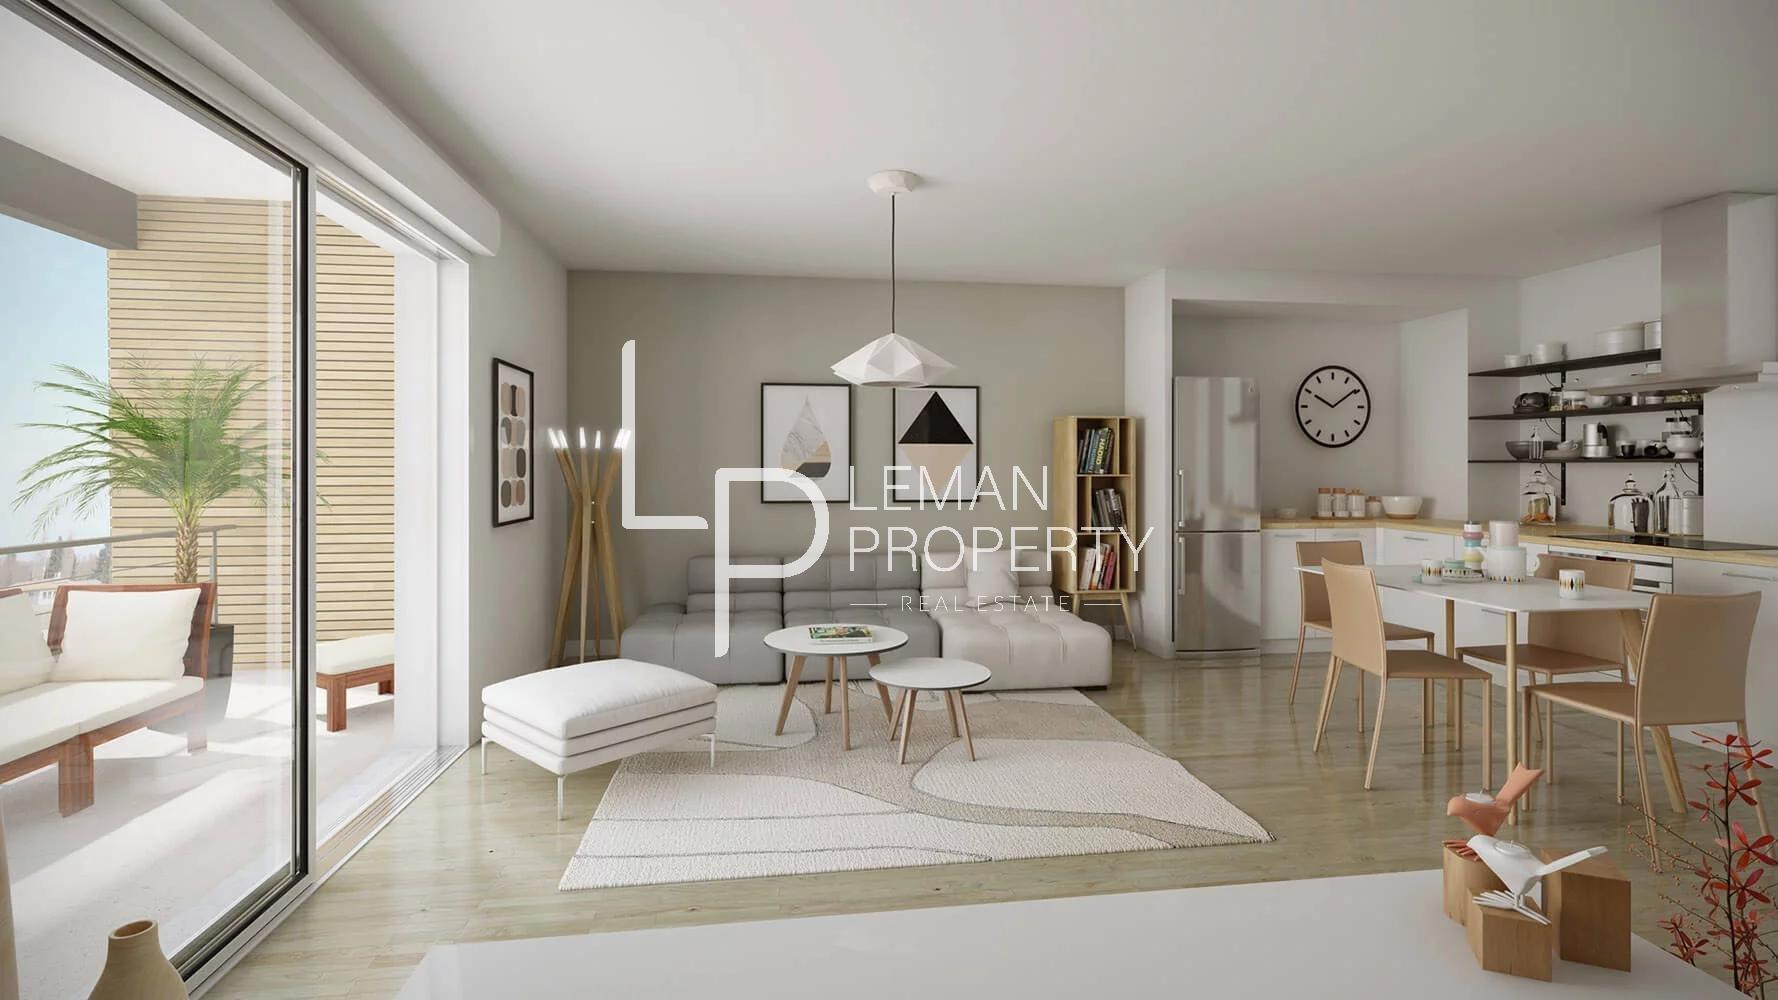 Vente de appartement à Aix-les-Bains au prix de 207000€